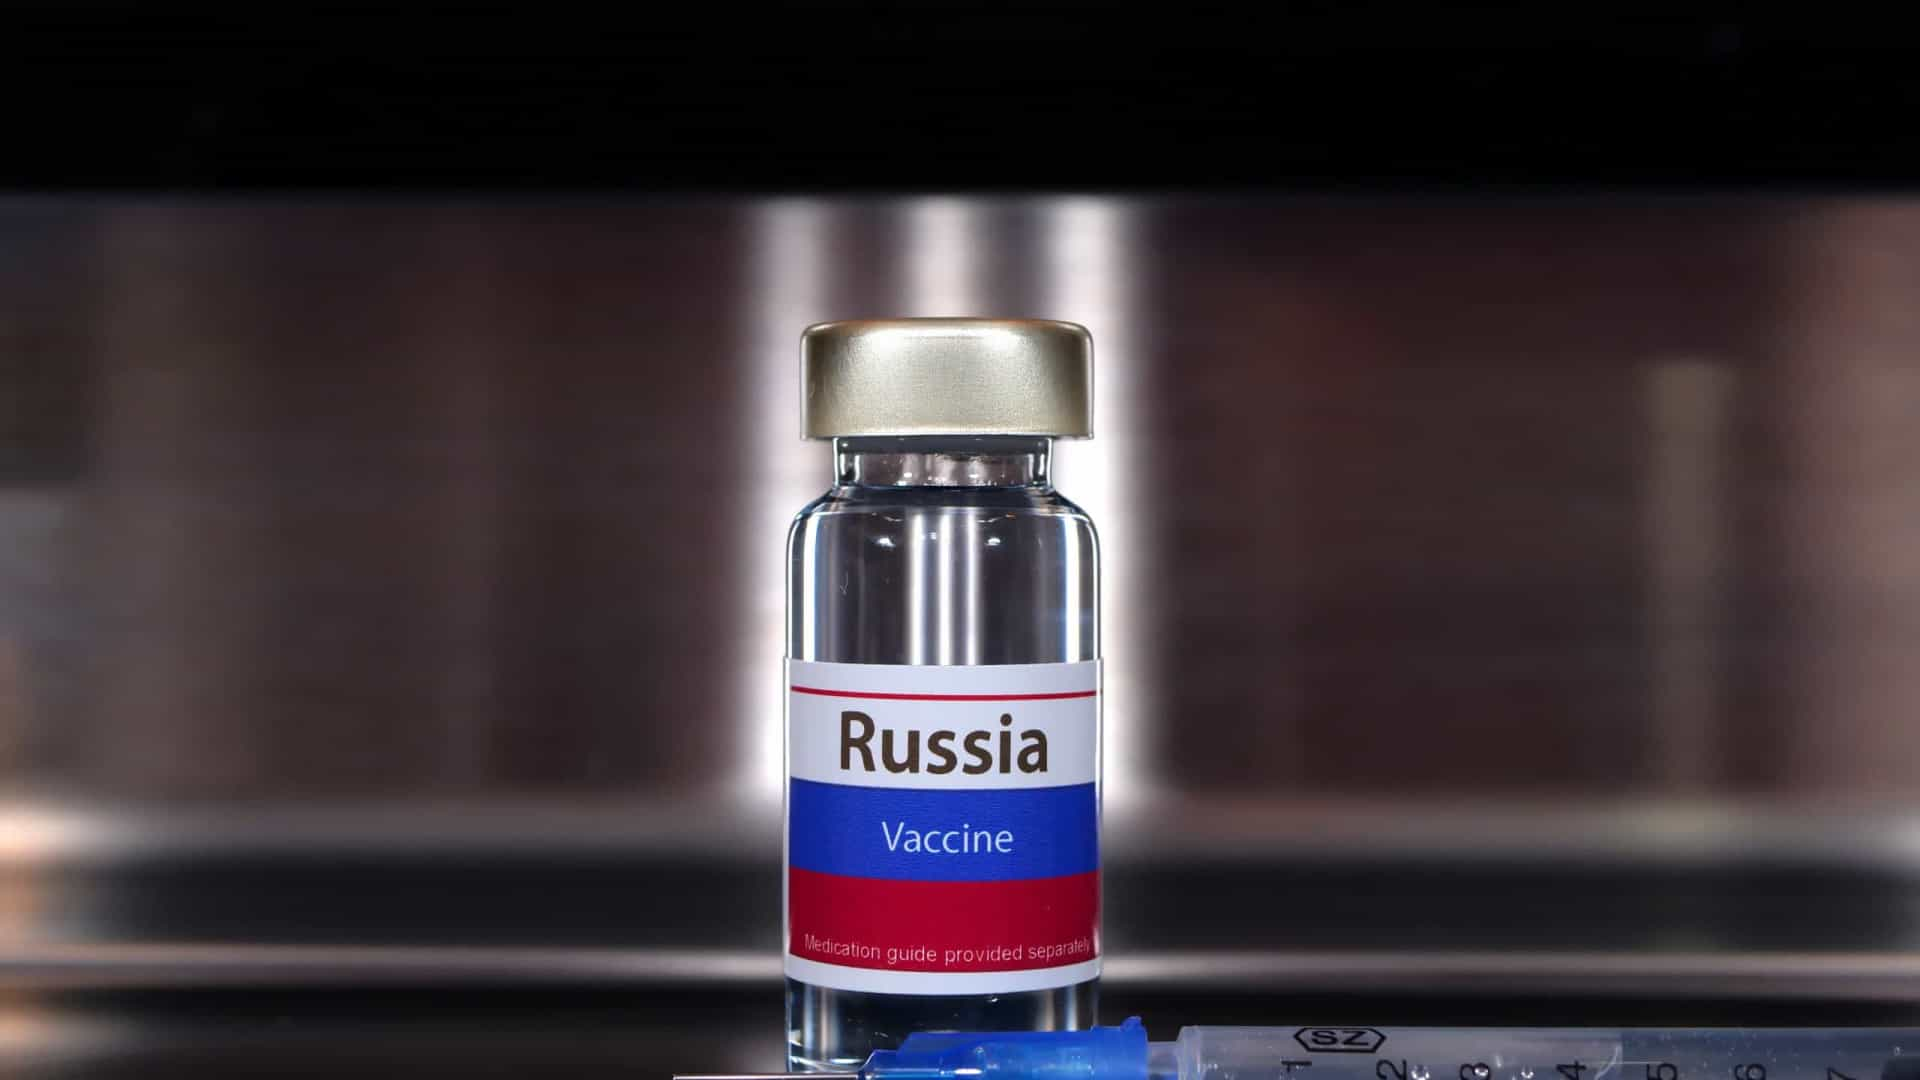 Não há pedido de pesquisa no Brasil sobre vacina russa, diz Anvisa